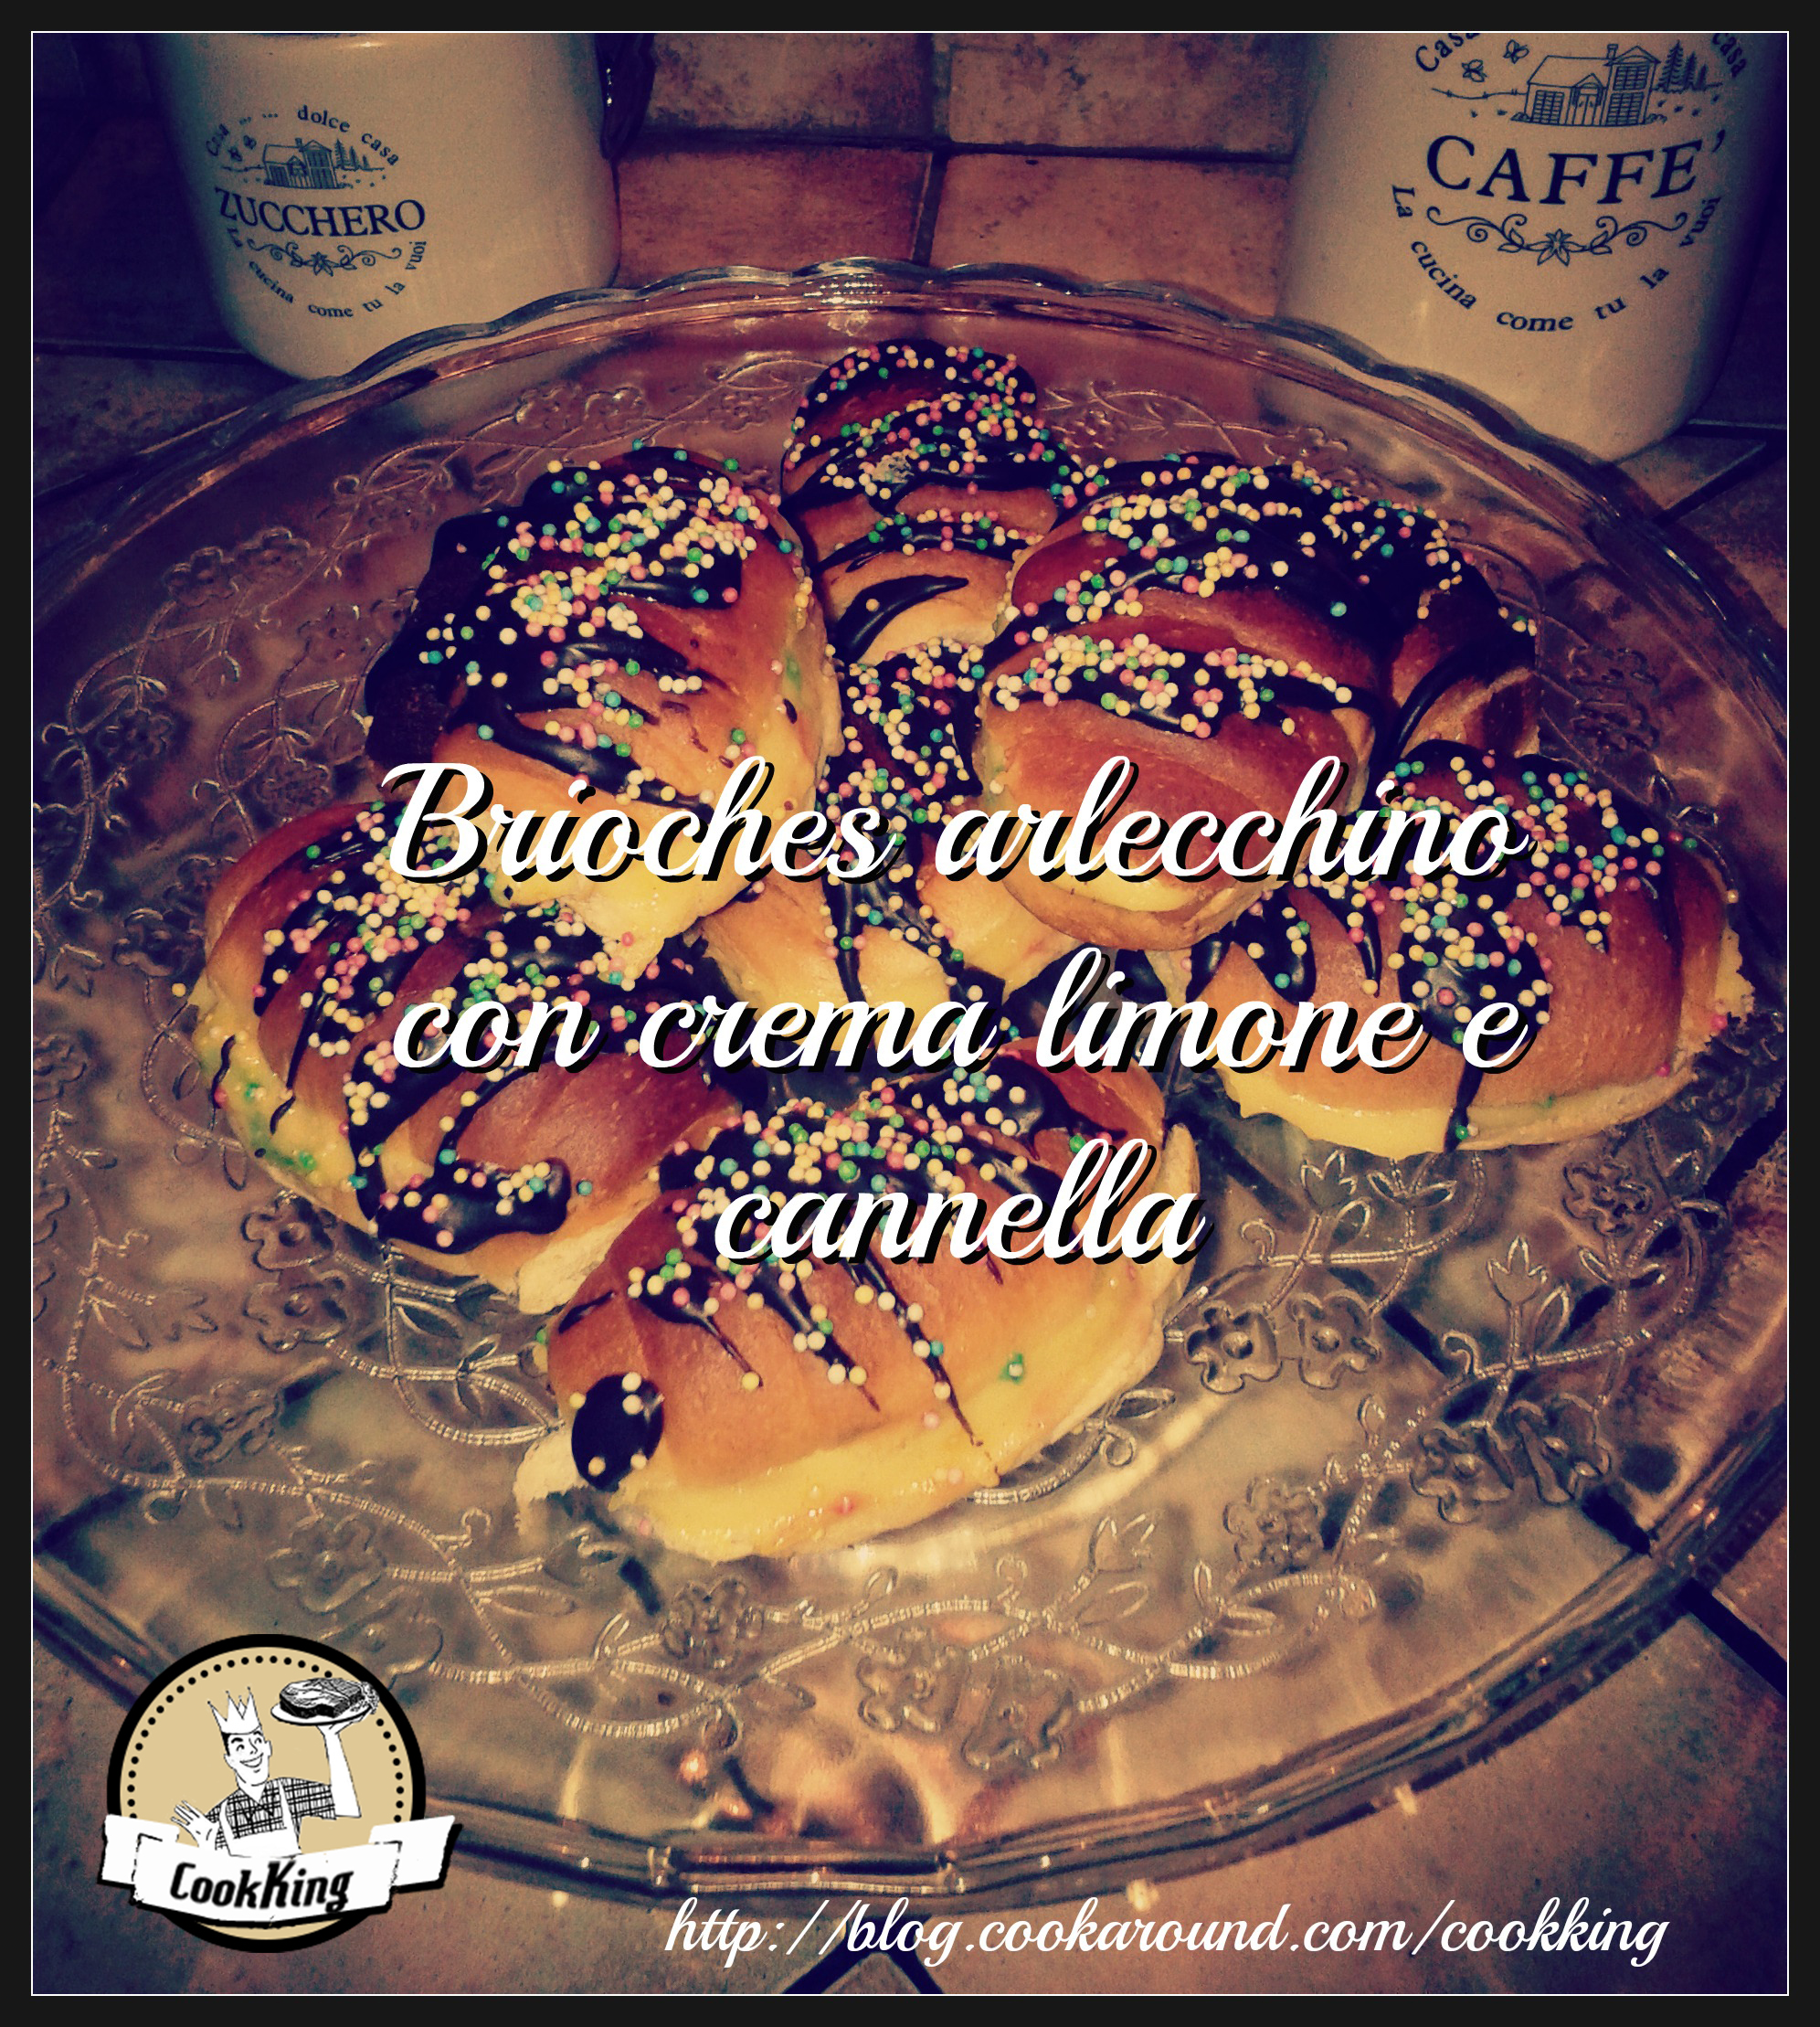 Brioches arlecchino con crema limone e cannella - CookKing